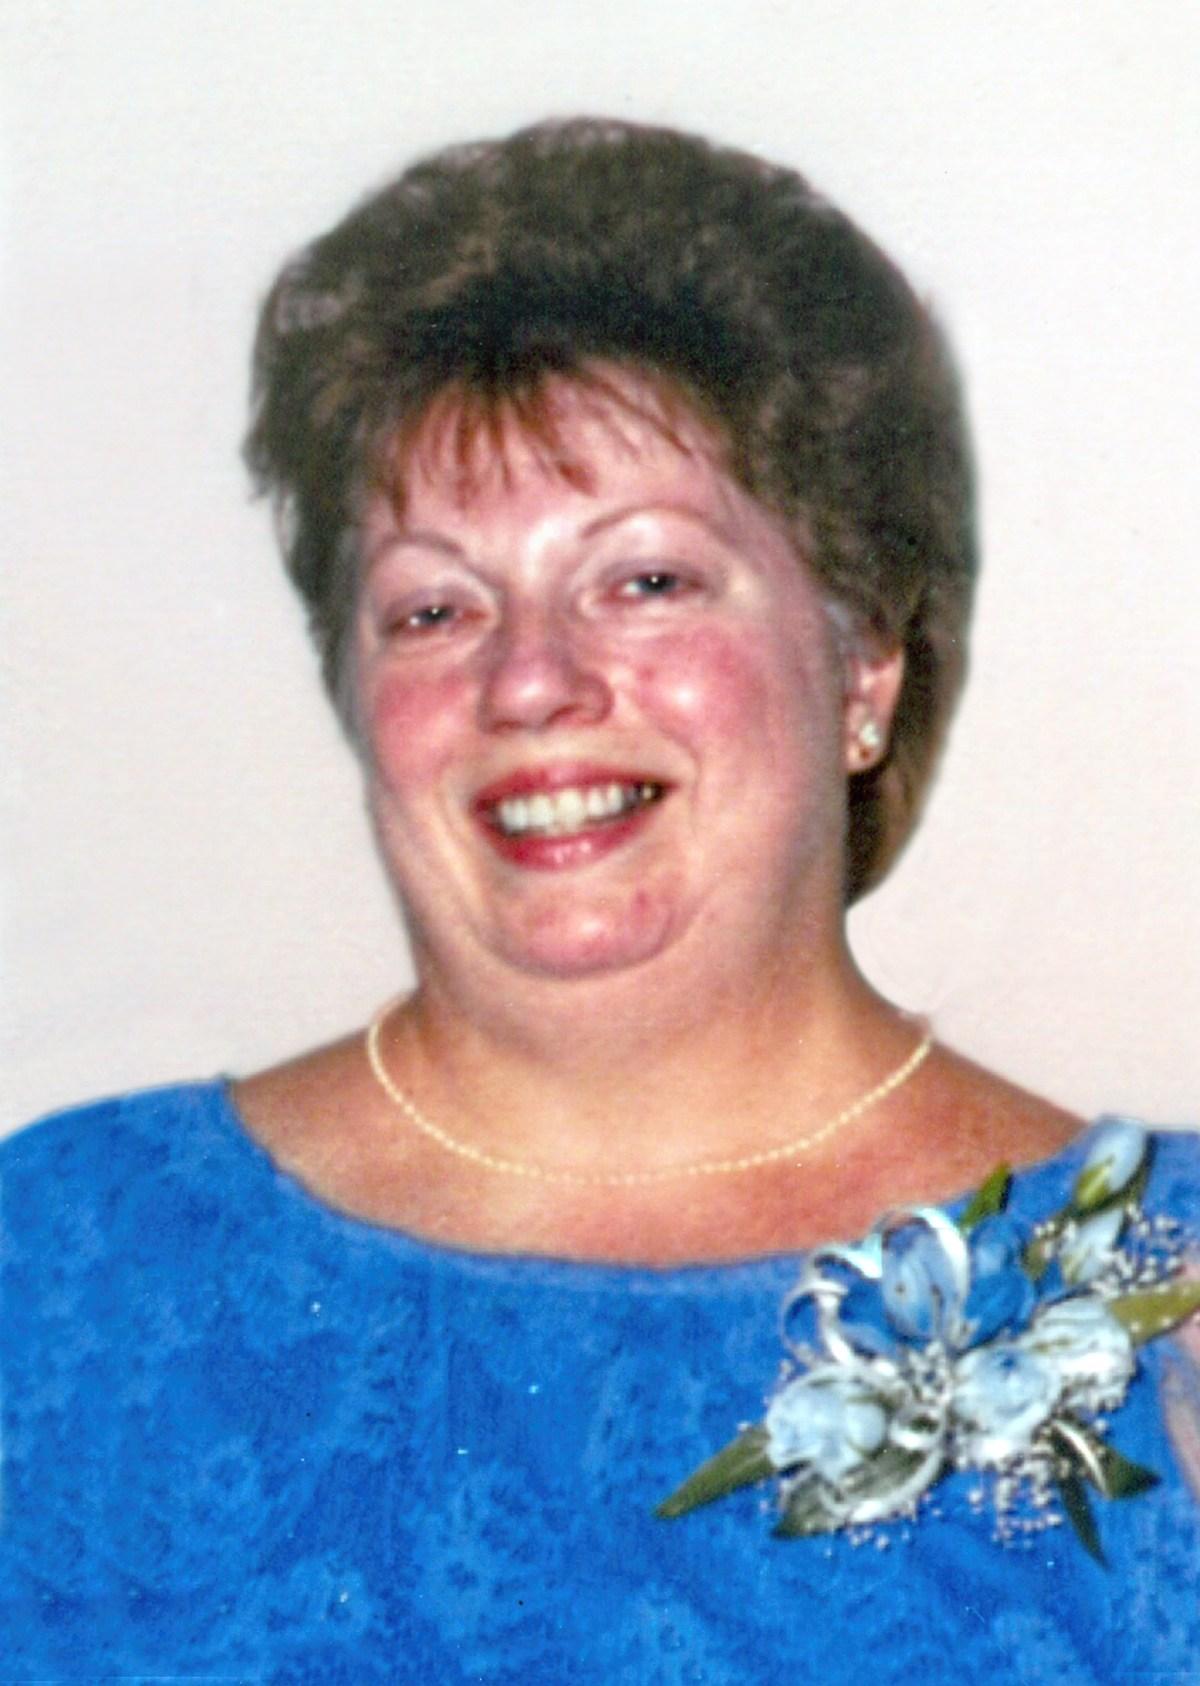 Obituary: Joyce Lamberton